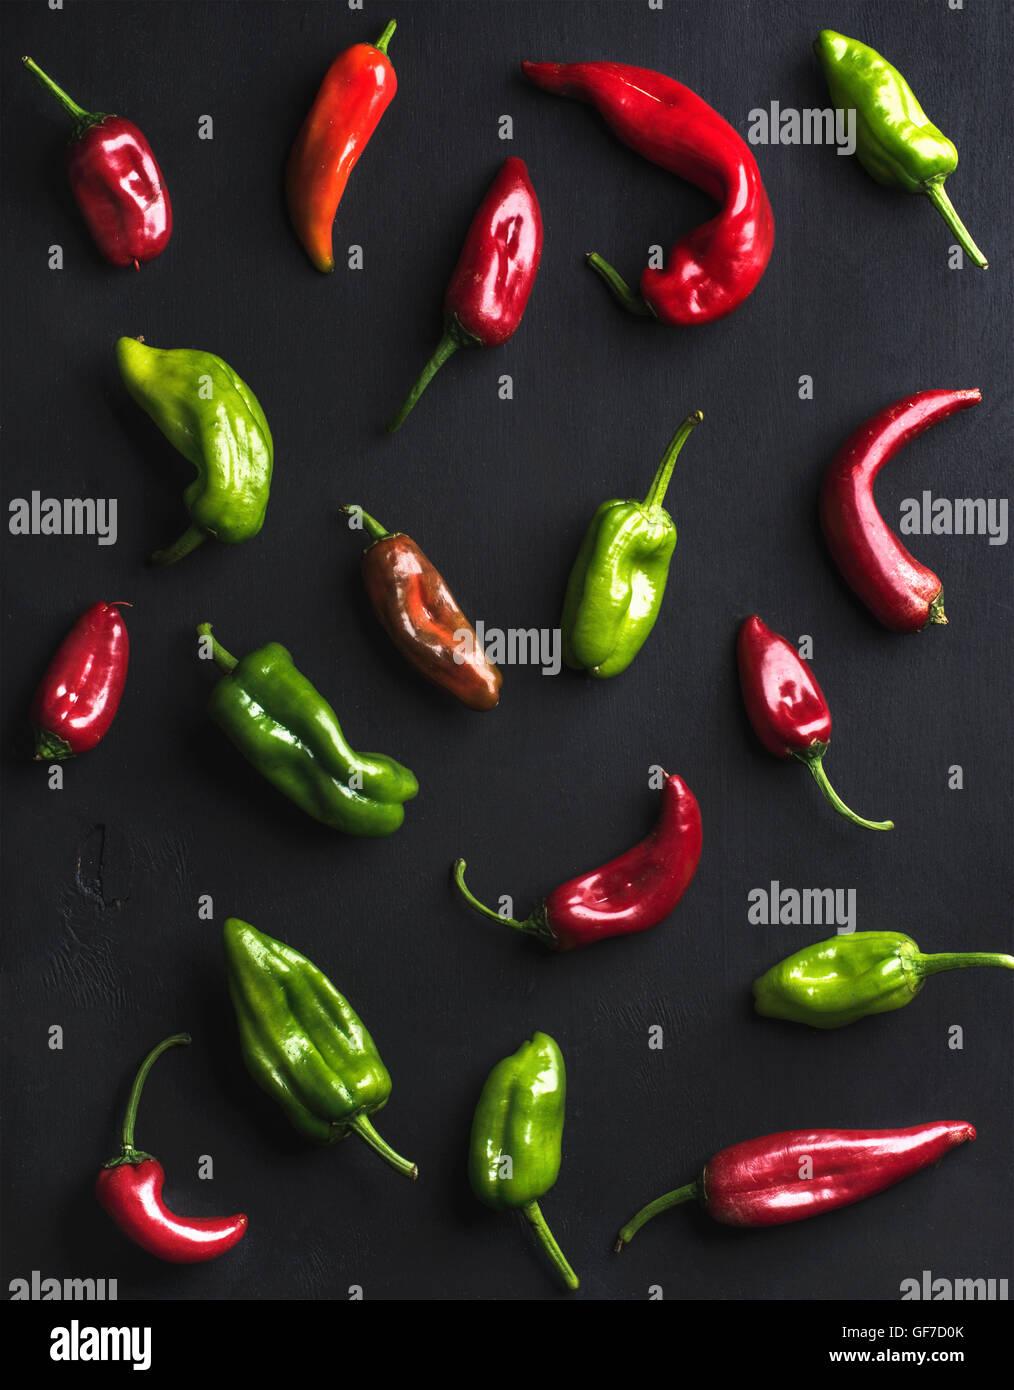 Modello di piccola colorata Hot Chili Peppers su sfondo nero Immagini Stock